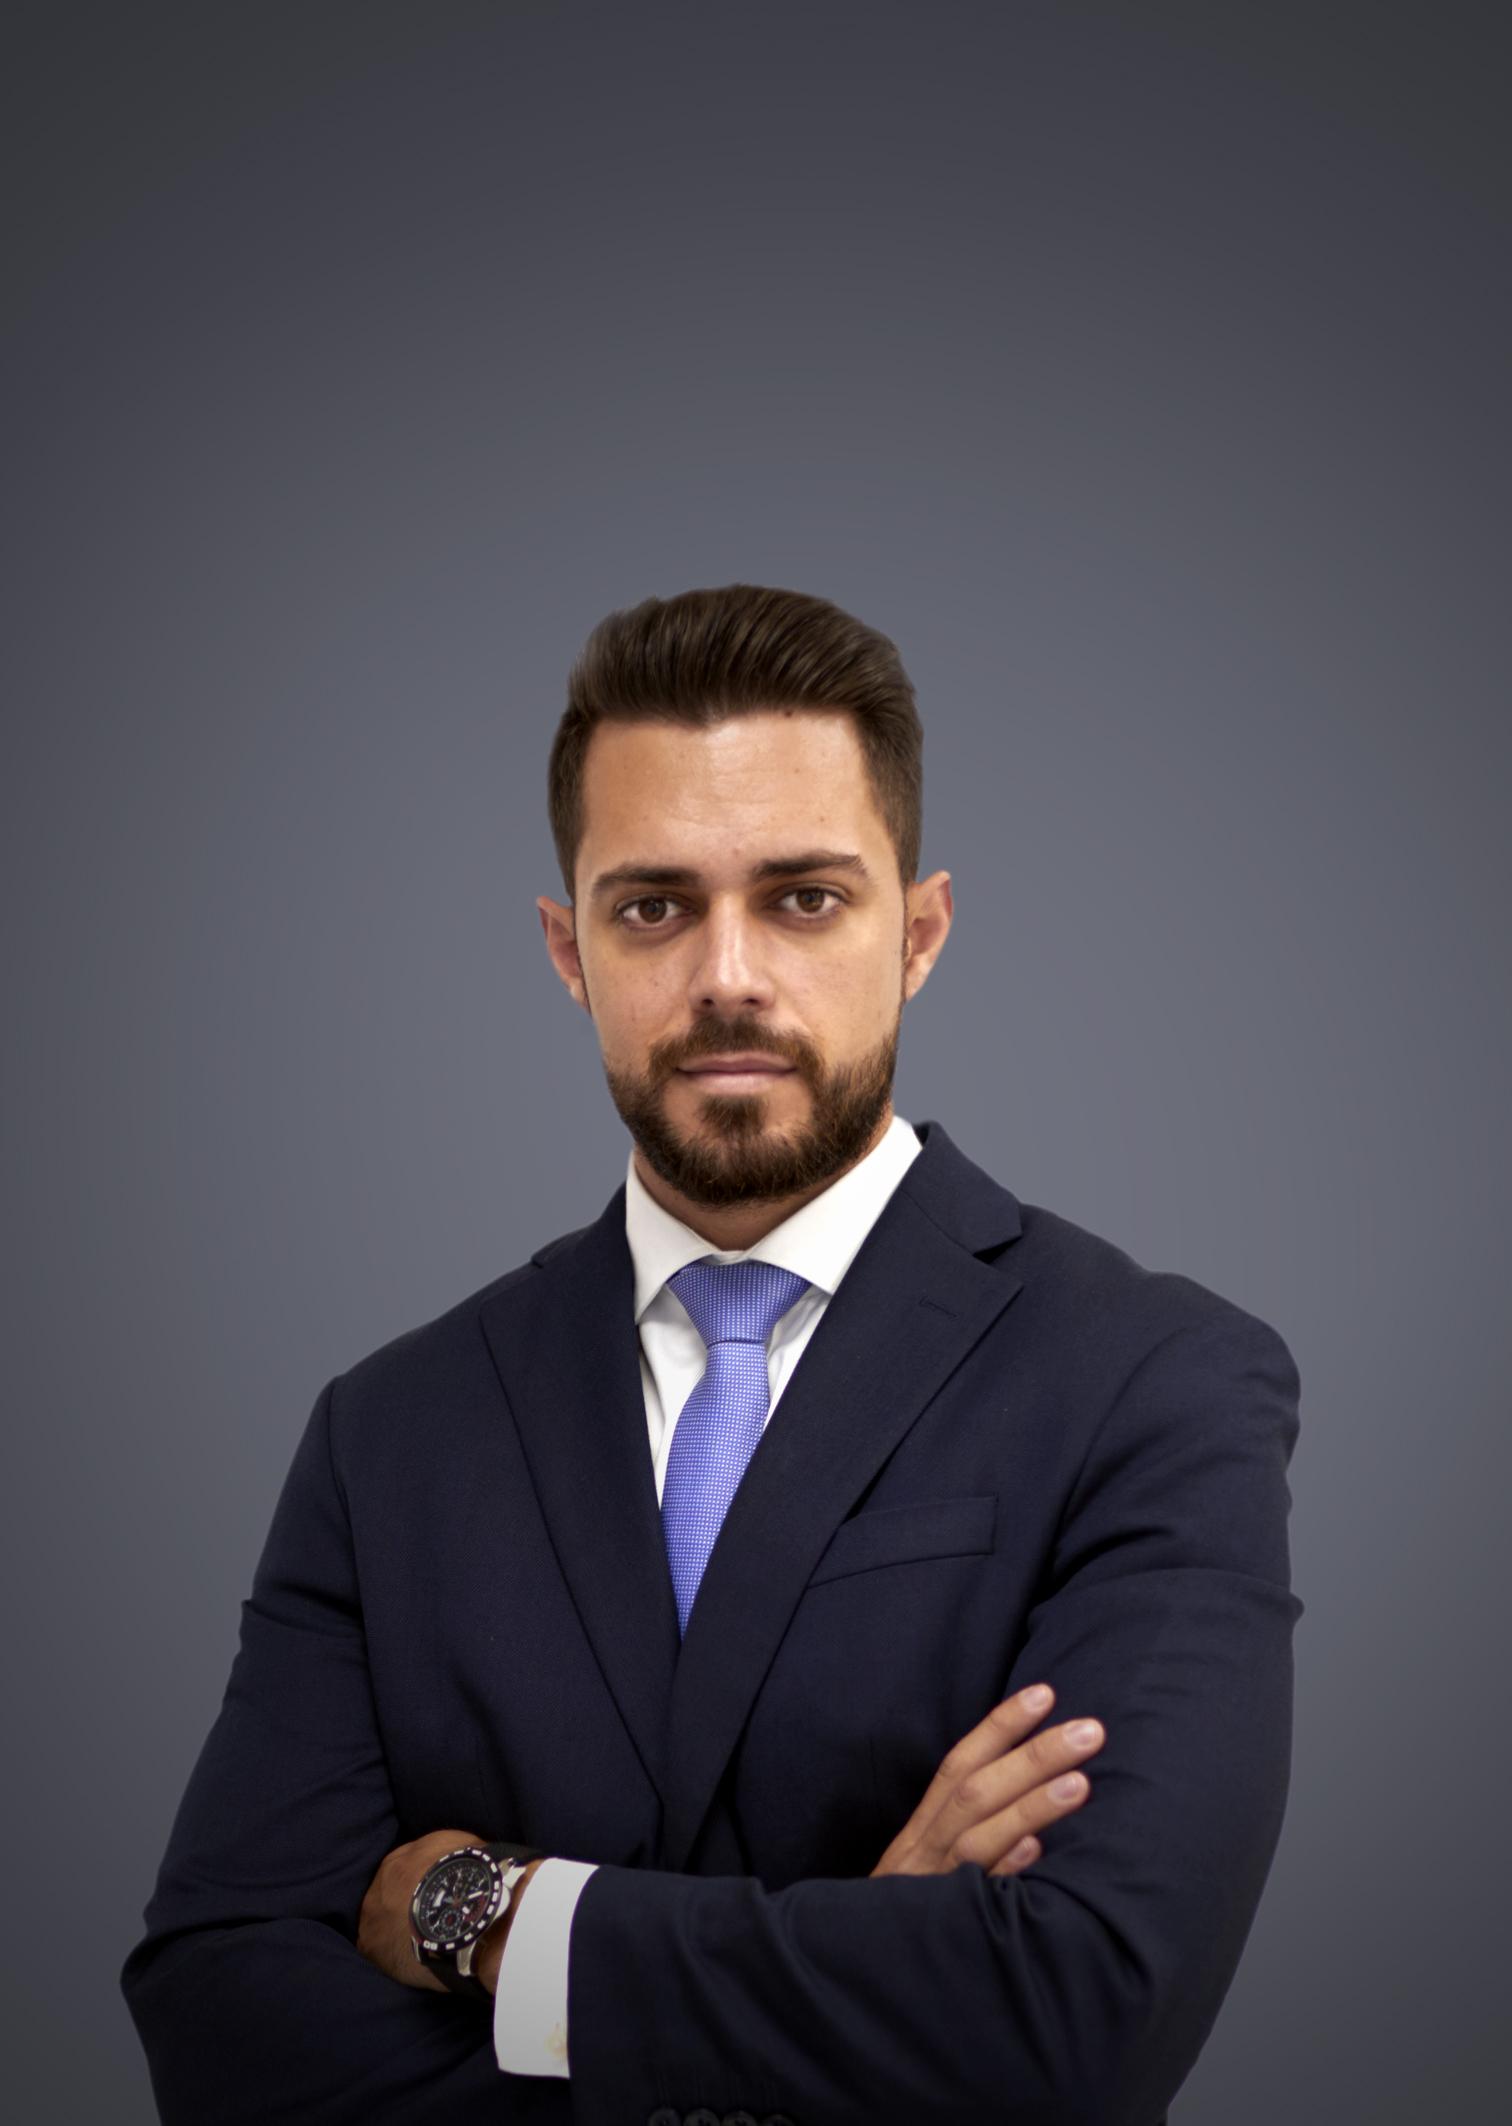 Álvaro Palma Monteagudo